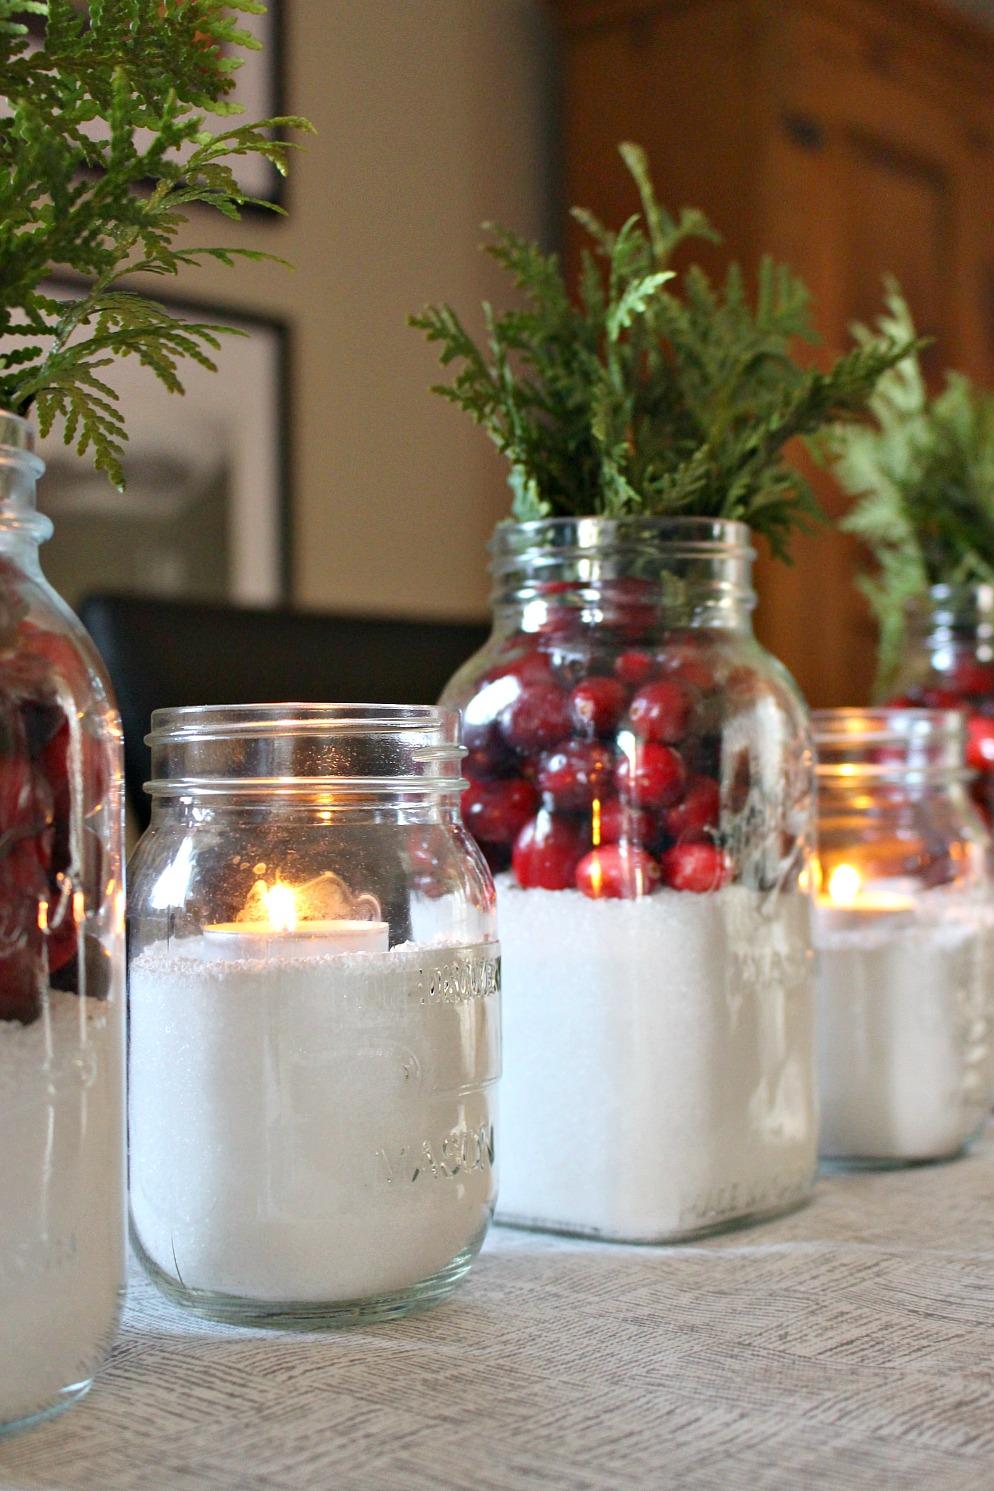 Easy Cranberry And Quot Snow Quot Mason Jar Centerpiece Dans Le